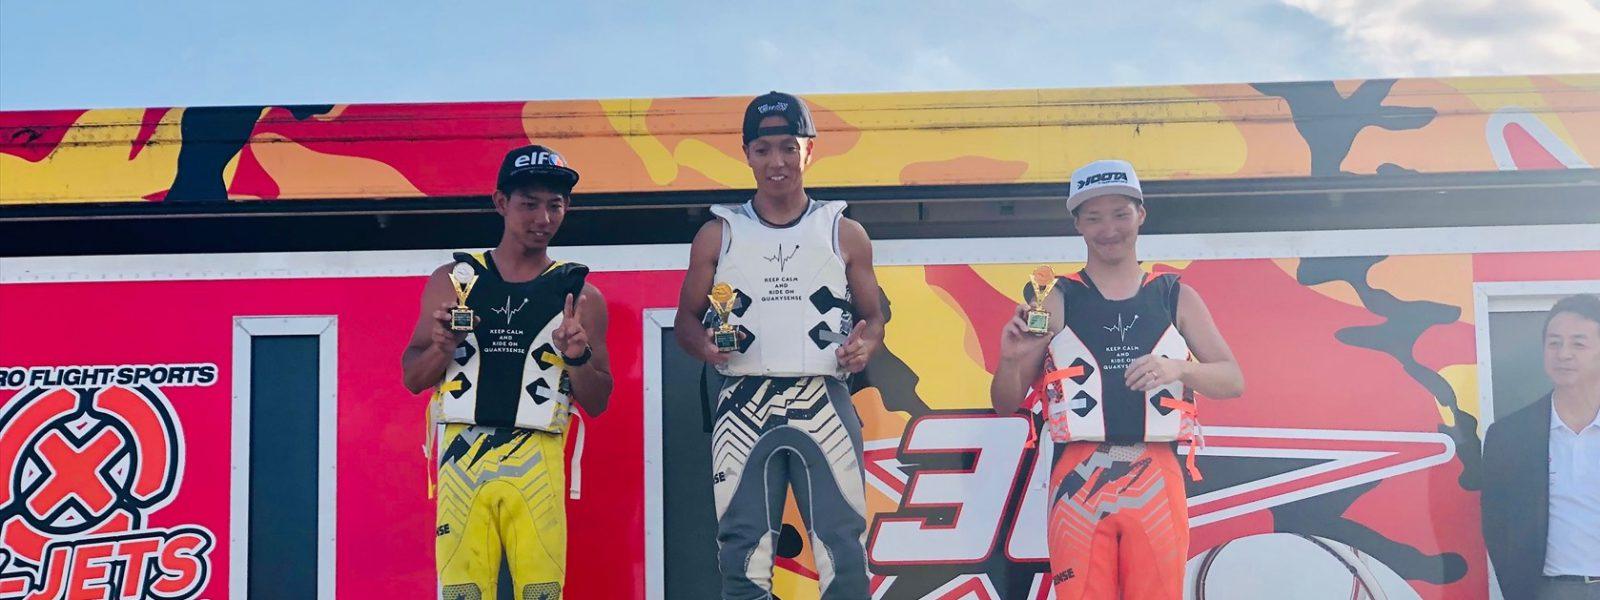 2019年 JJSFテクニカル全日本選手権シリーズ フリースタイル 第3戦 二色の浜大会!